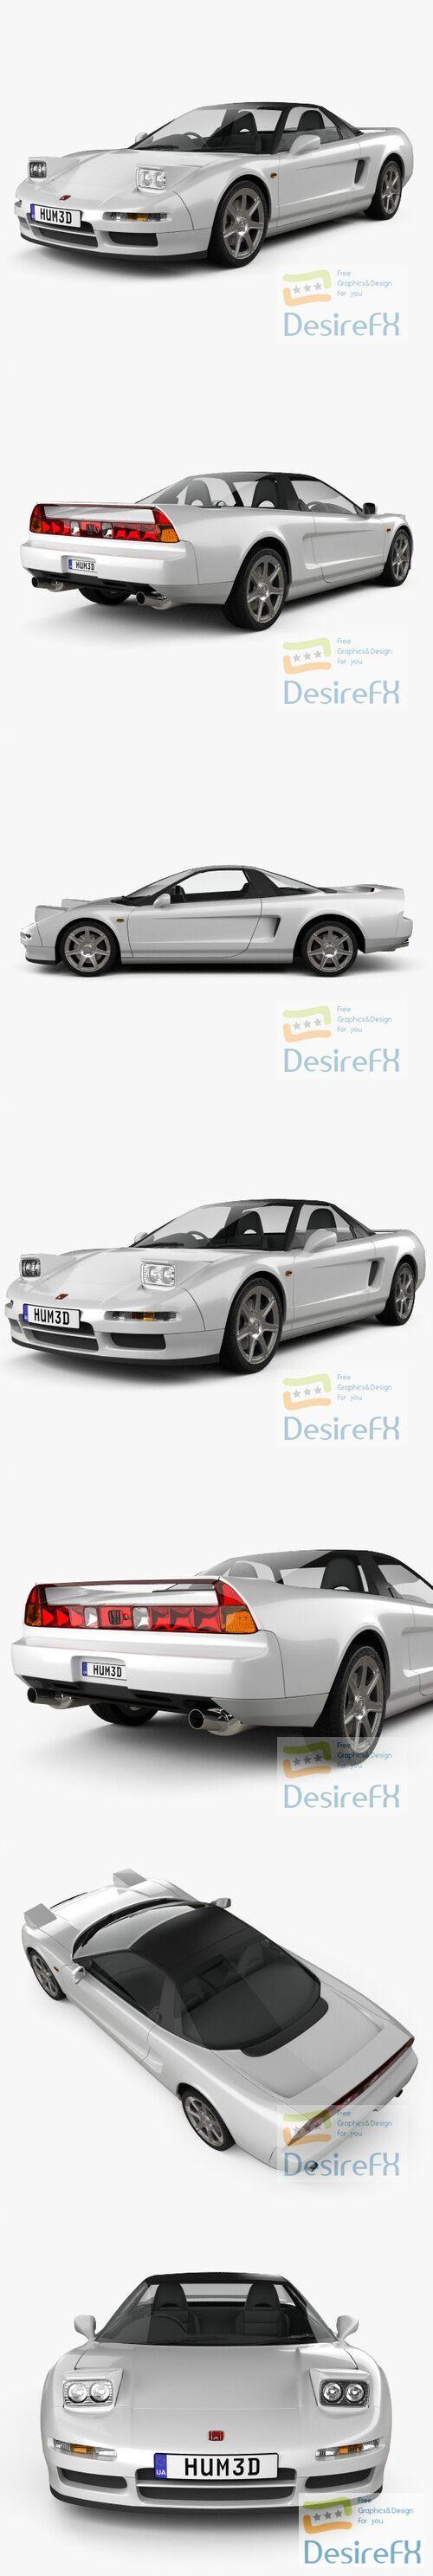 Honda NSX Type-R 1992 3D Model